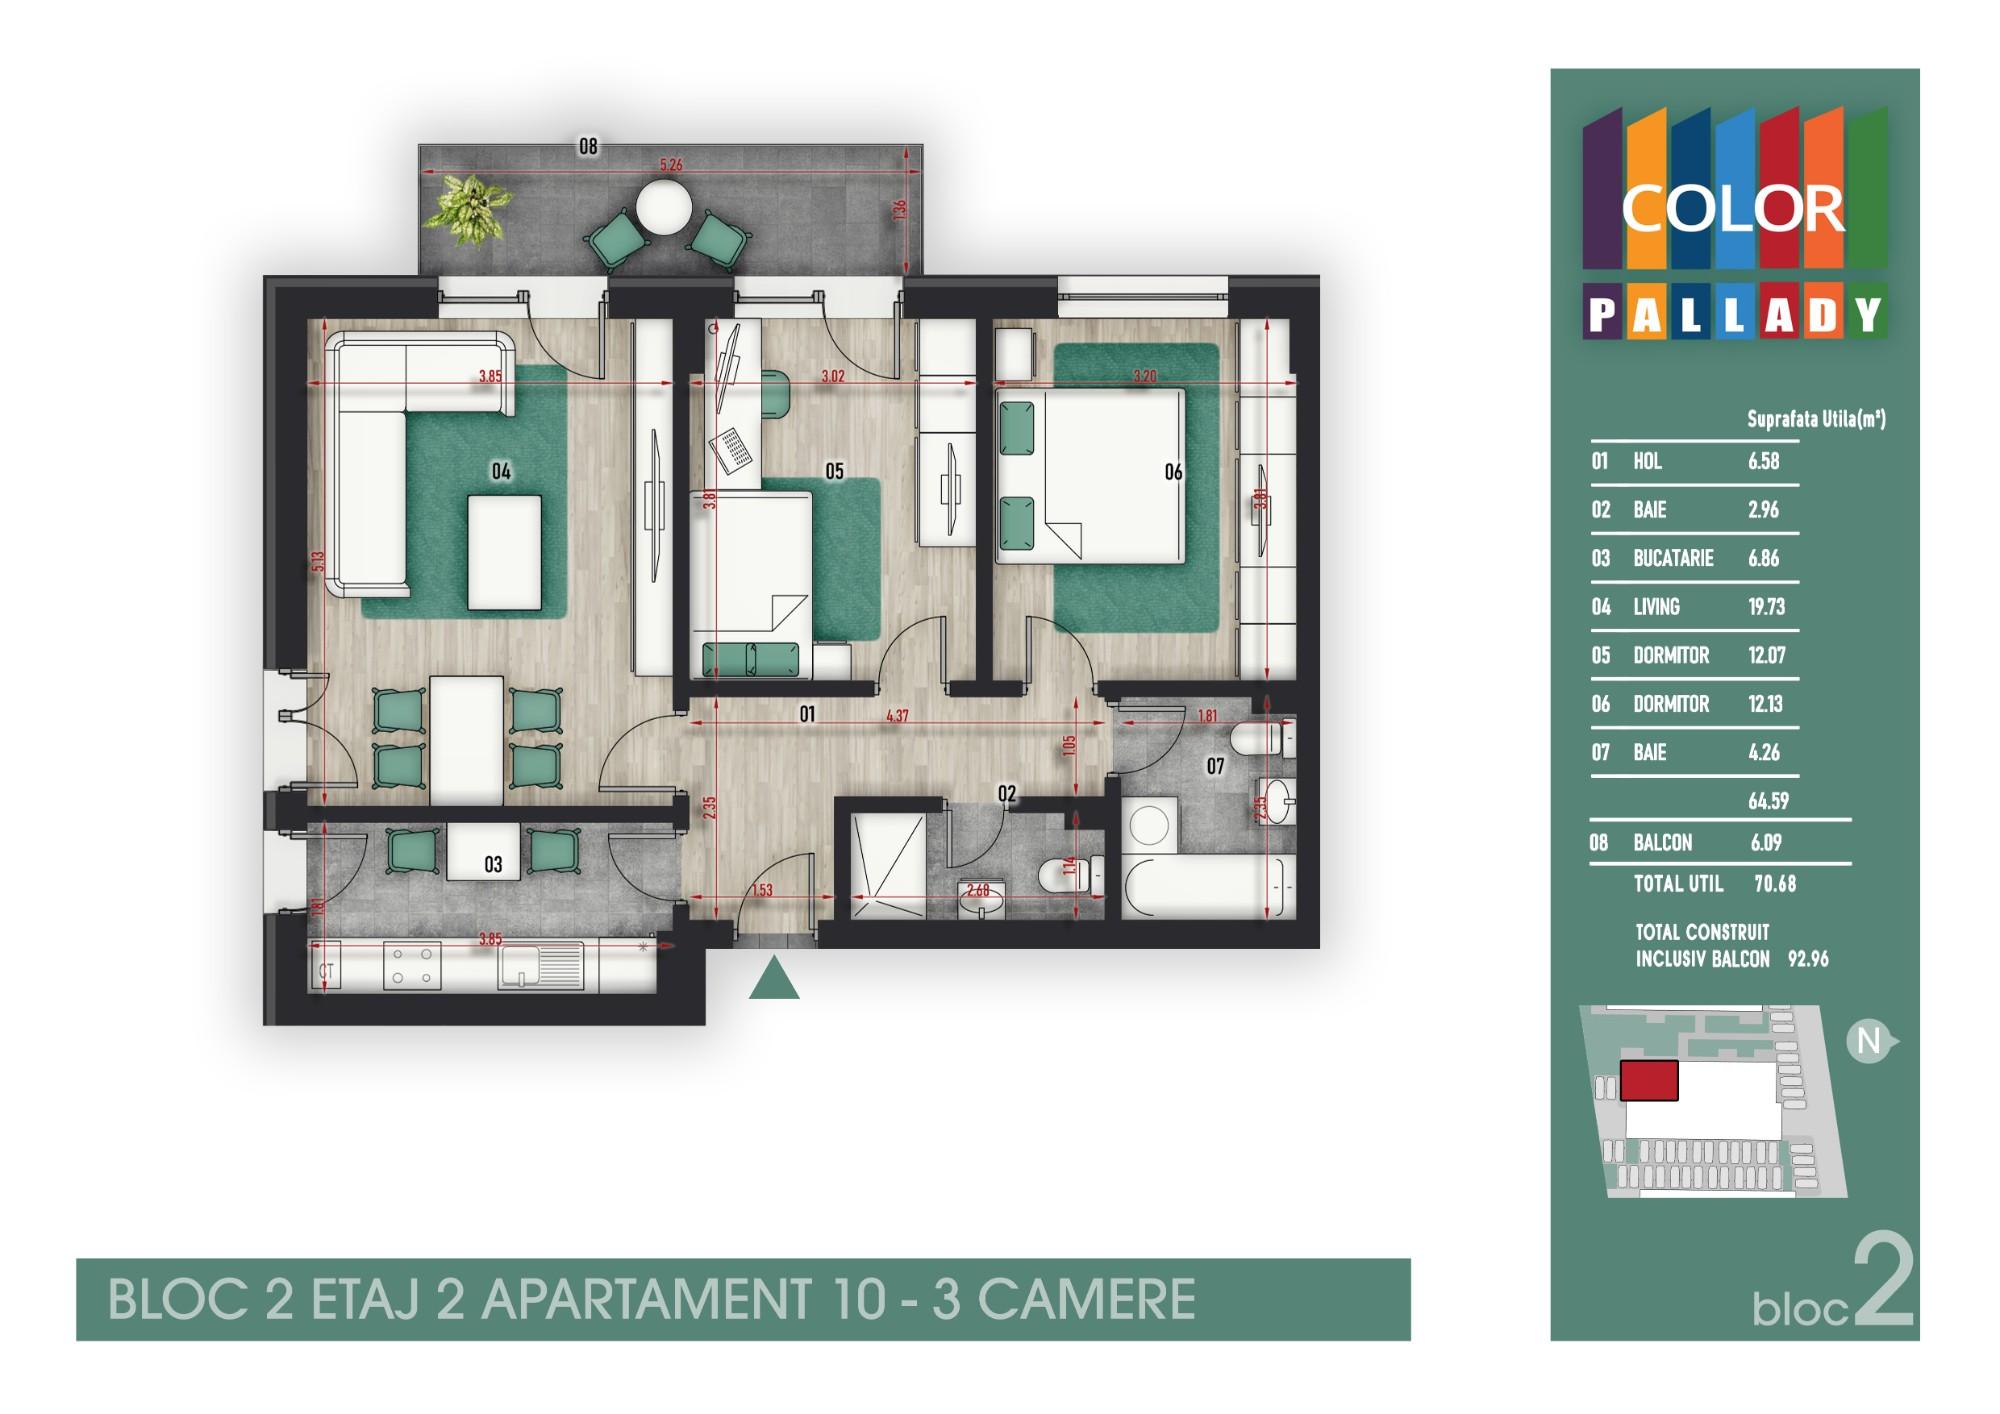 Bloc 2 - Etaj 2 - Apartament 10